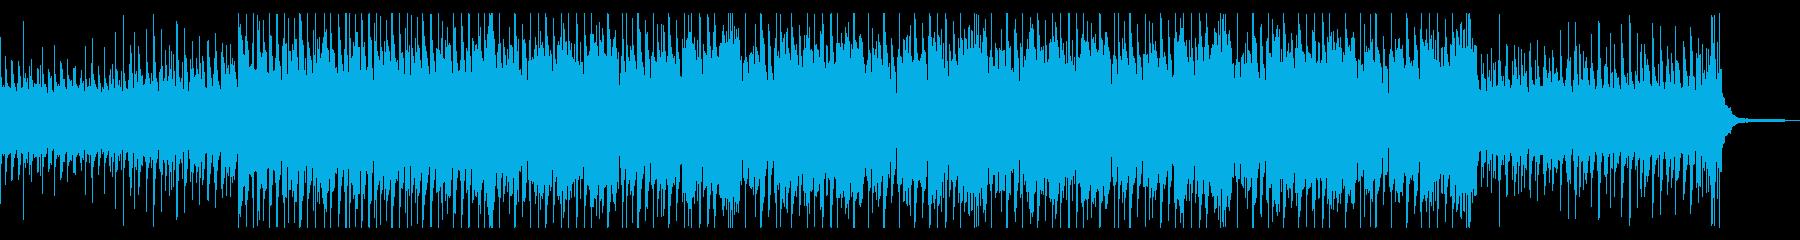 企業VPや映像 爽やか・前向き・青空の再生済みの波形